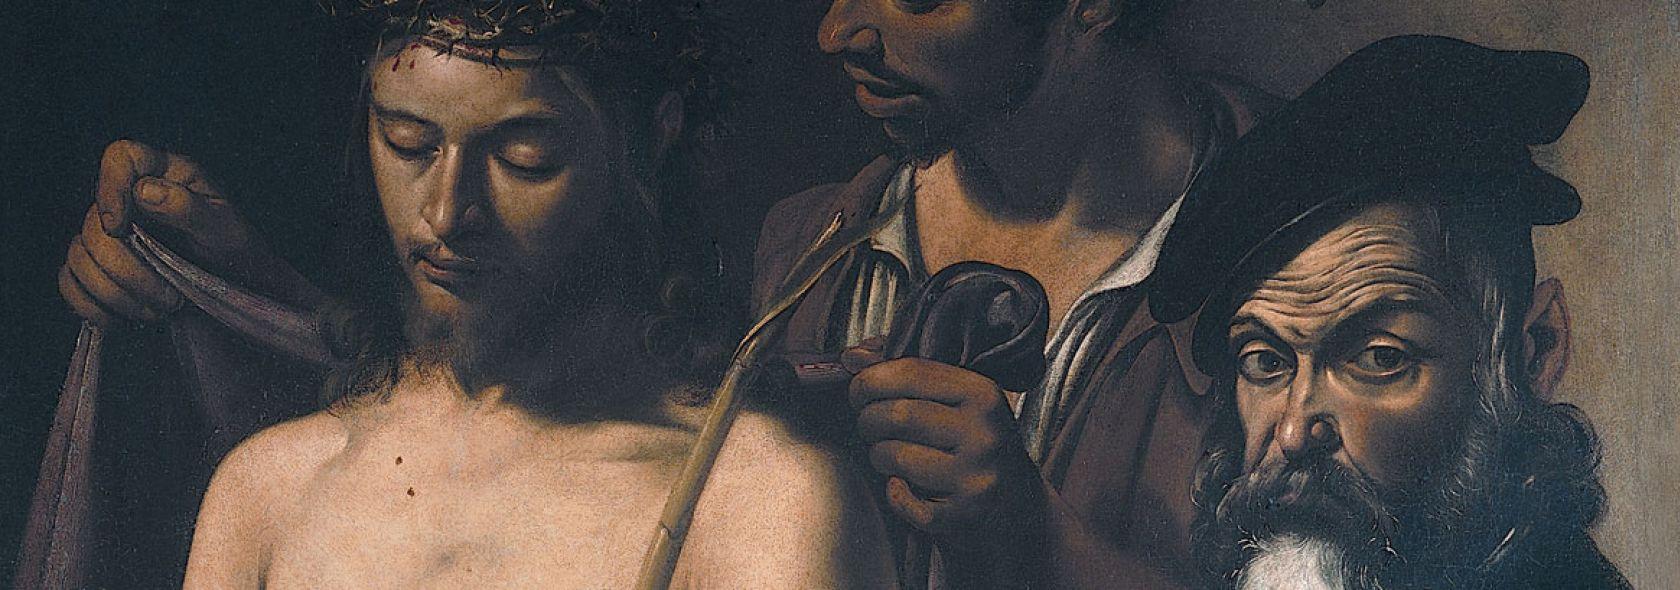 Museo di Palazzo Bianco - Caravaggio - Ecce homo - © Musei di Strada Nuova